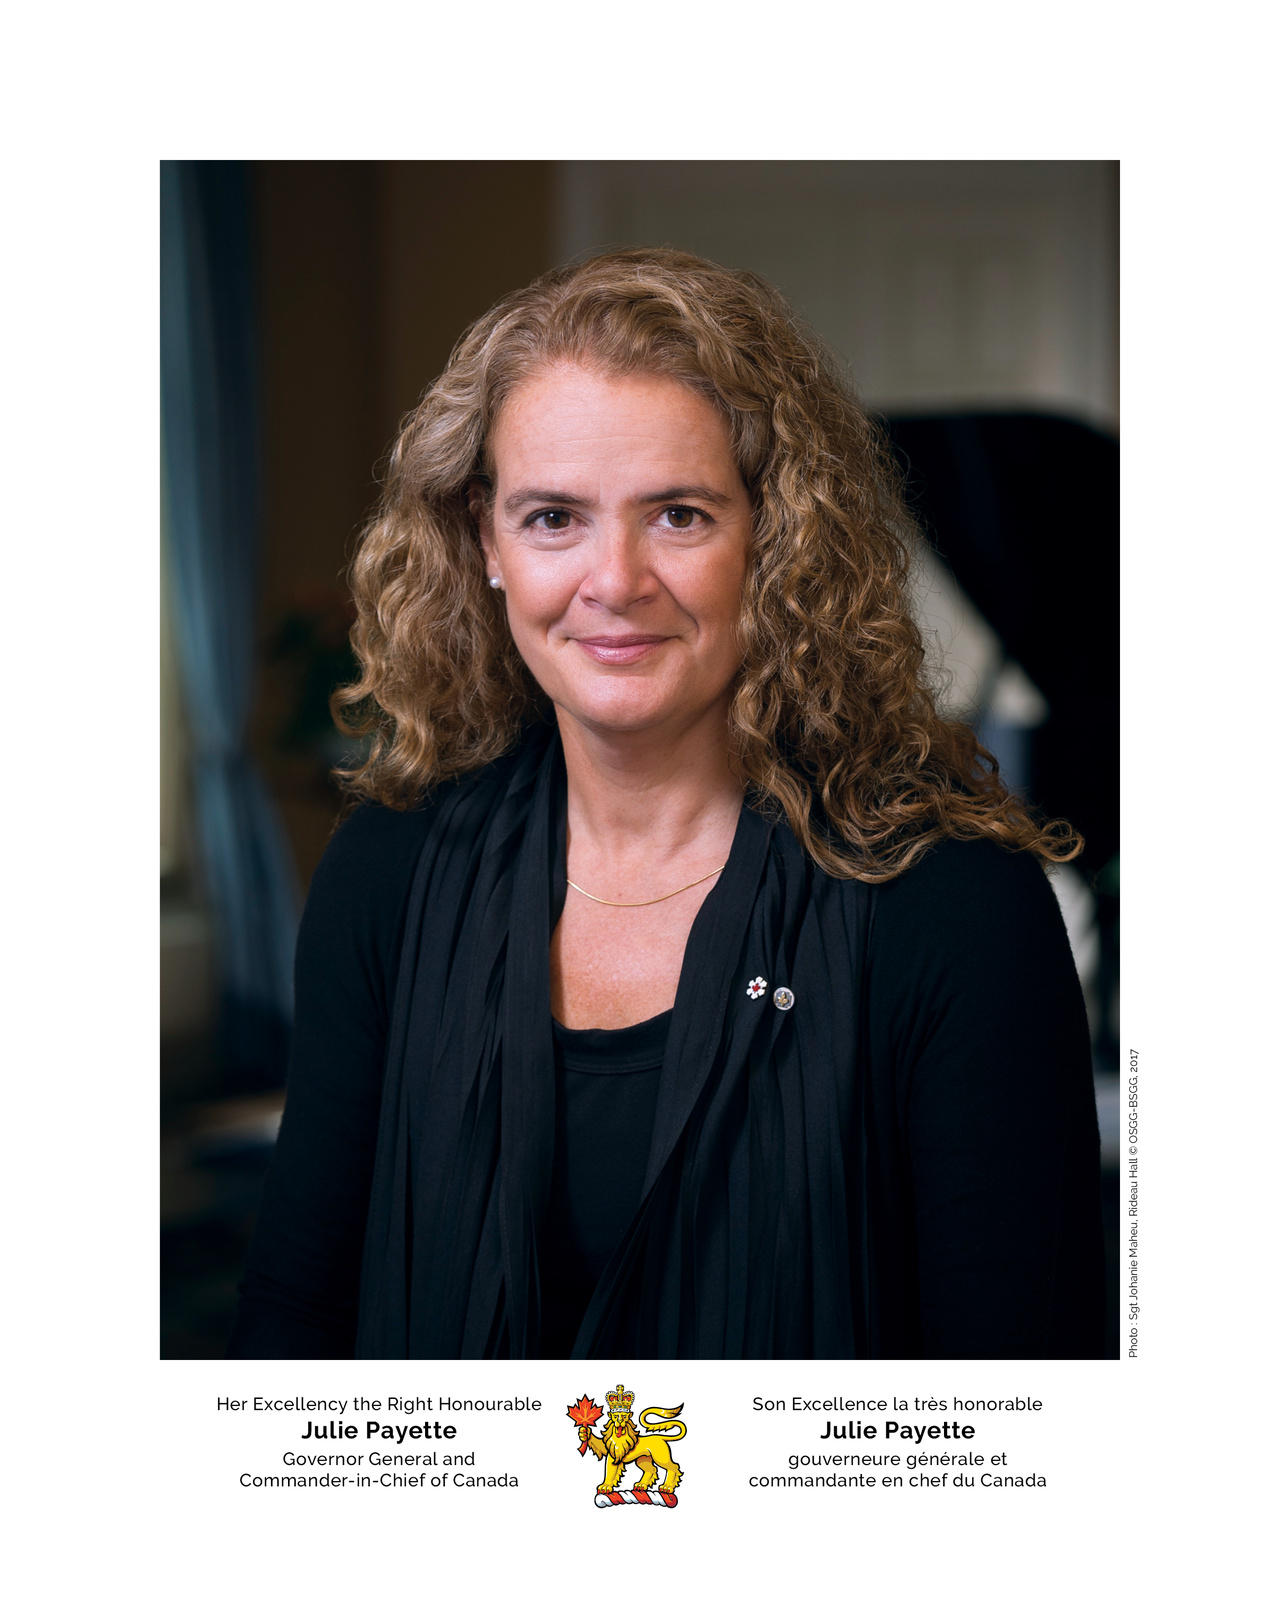 Son Excellence la très honorable Julie Payette, gouverneure générale et commandante en chef du Canada. Photo: Sgt Johanie Maheu, Rideau Hall © OSGG-BSGG, 2017